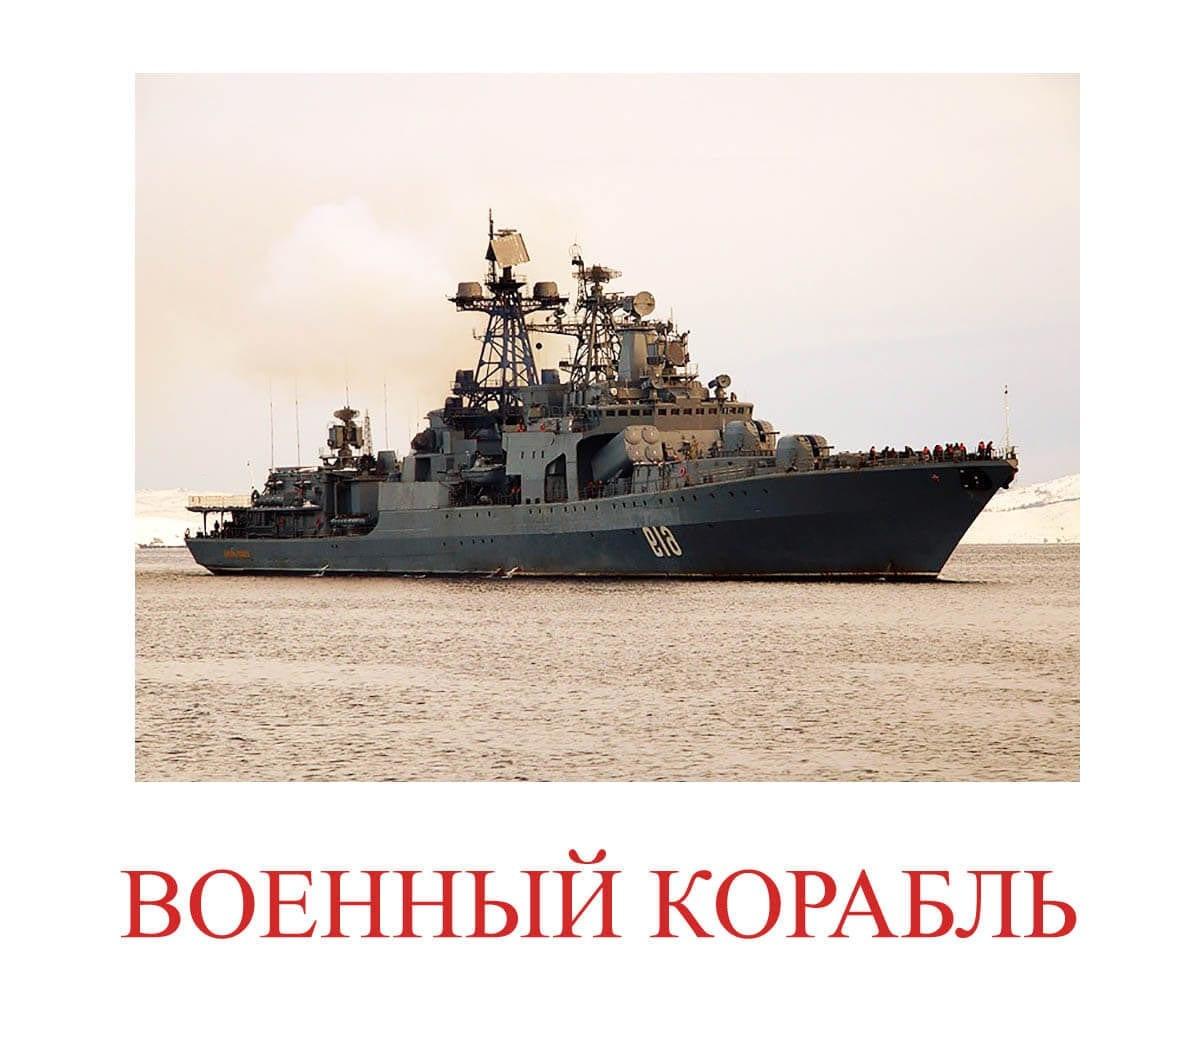 Военный корабль картинка